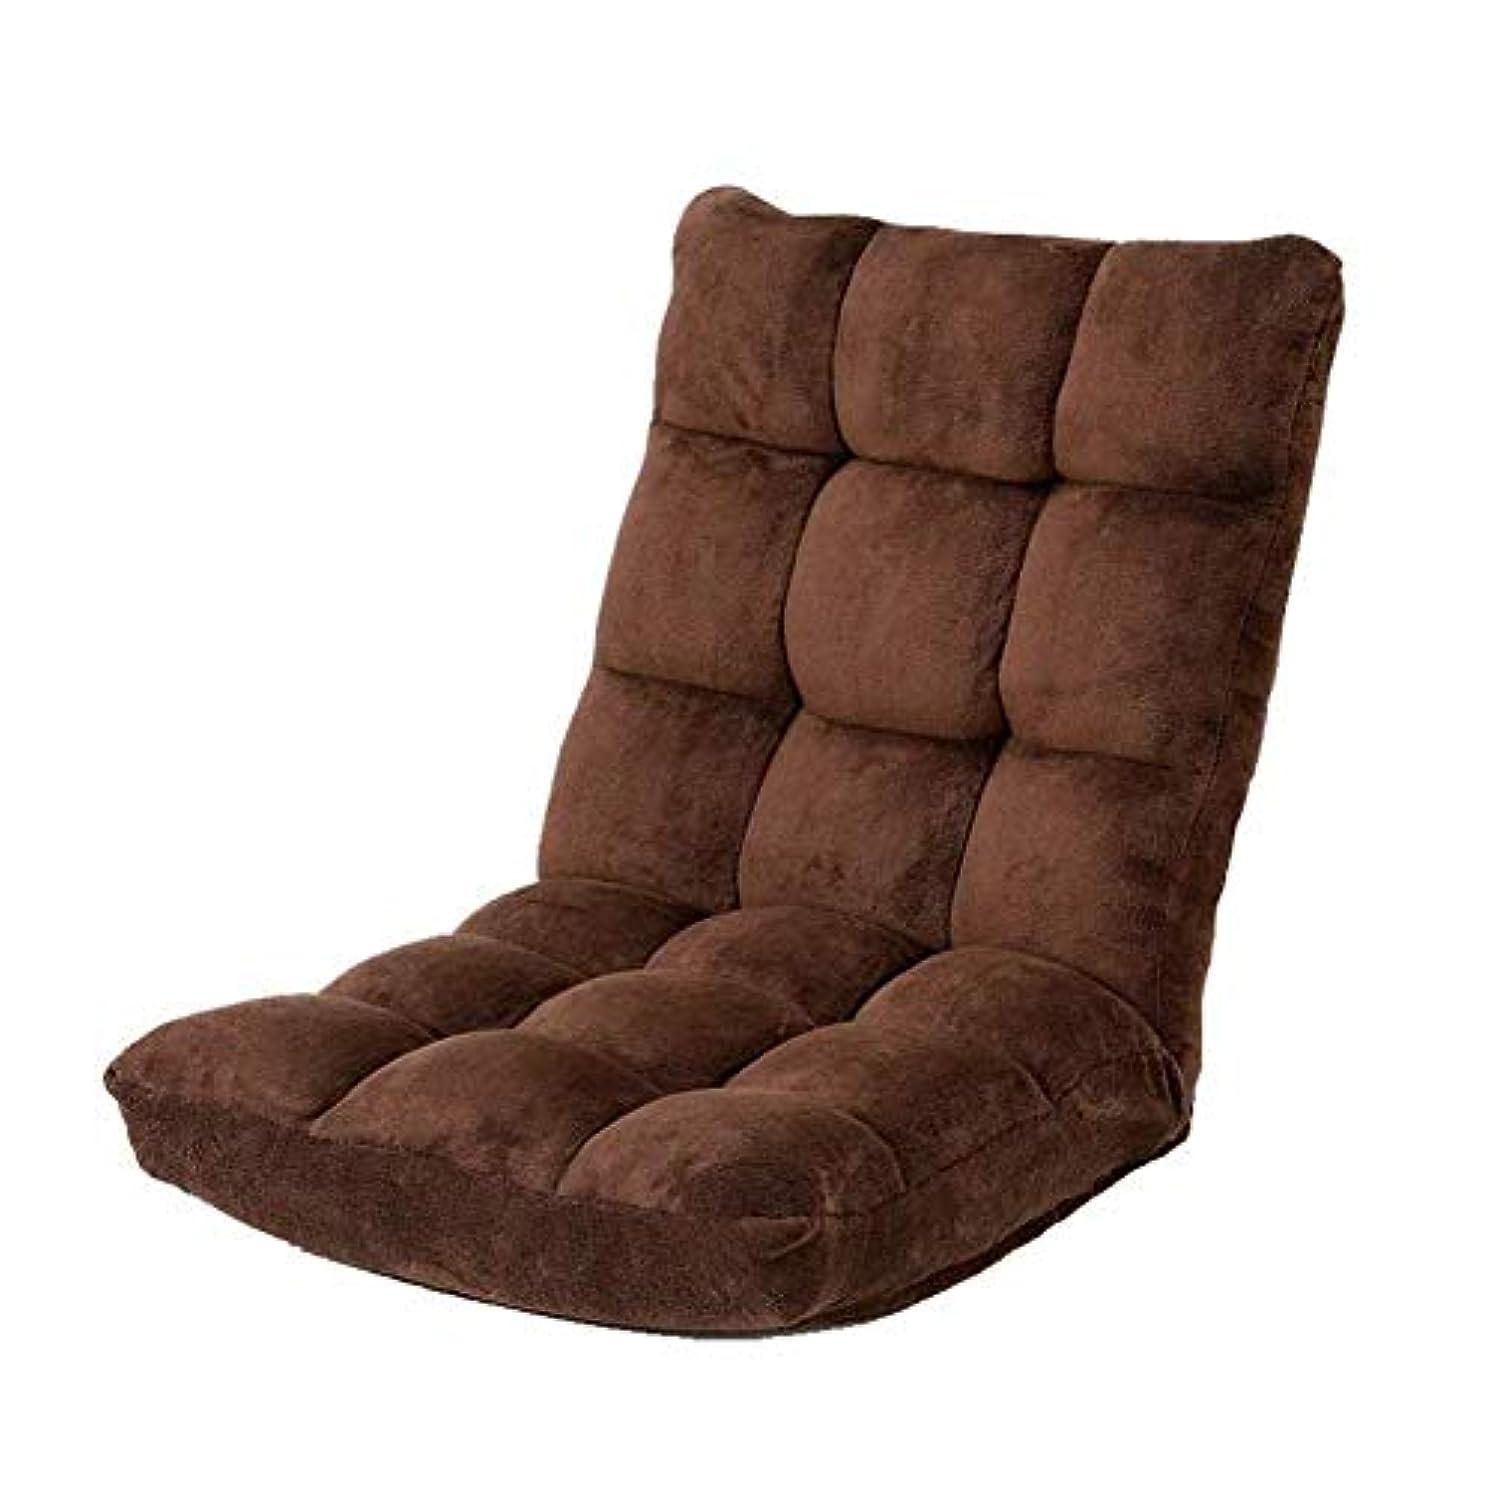 ミンチバイオレット病者瞑想用椅子、座りソファー、折りたたみ式畳床、折りたたみ式解体および洗濯可能増粘、レッグレスカジュアルシングルリクライニングベッド (Color : Brown)